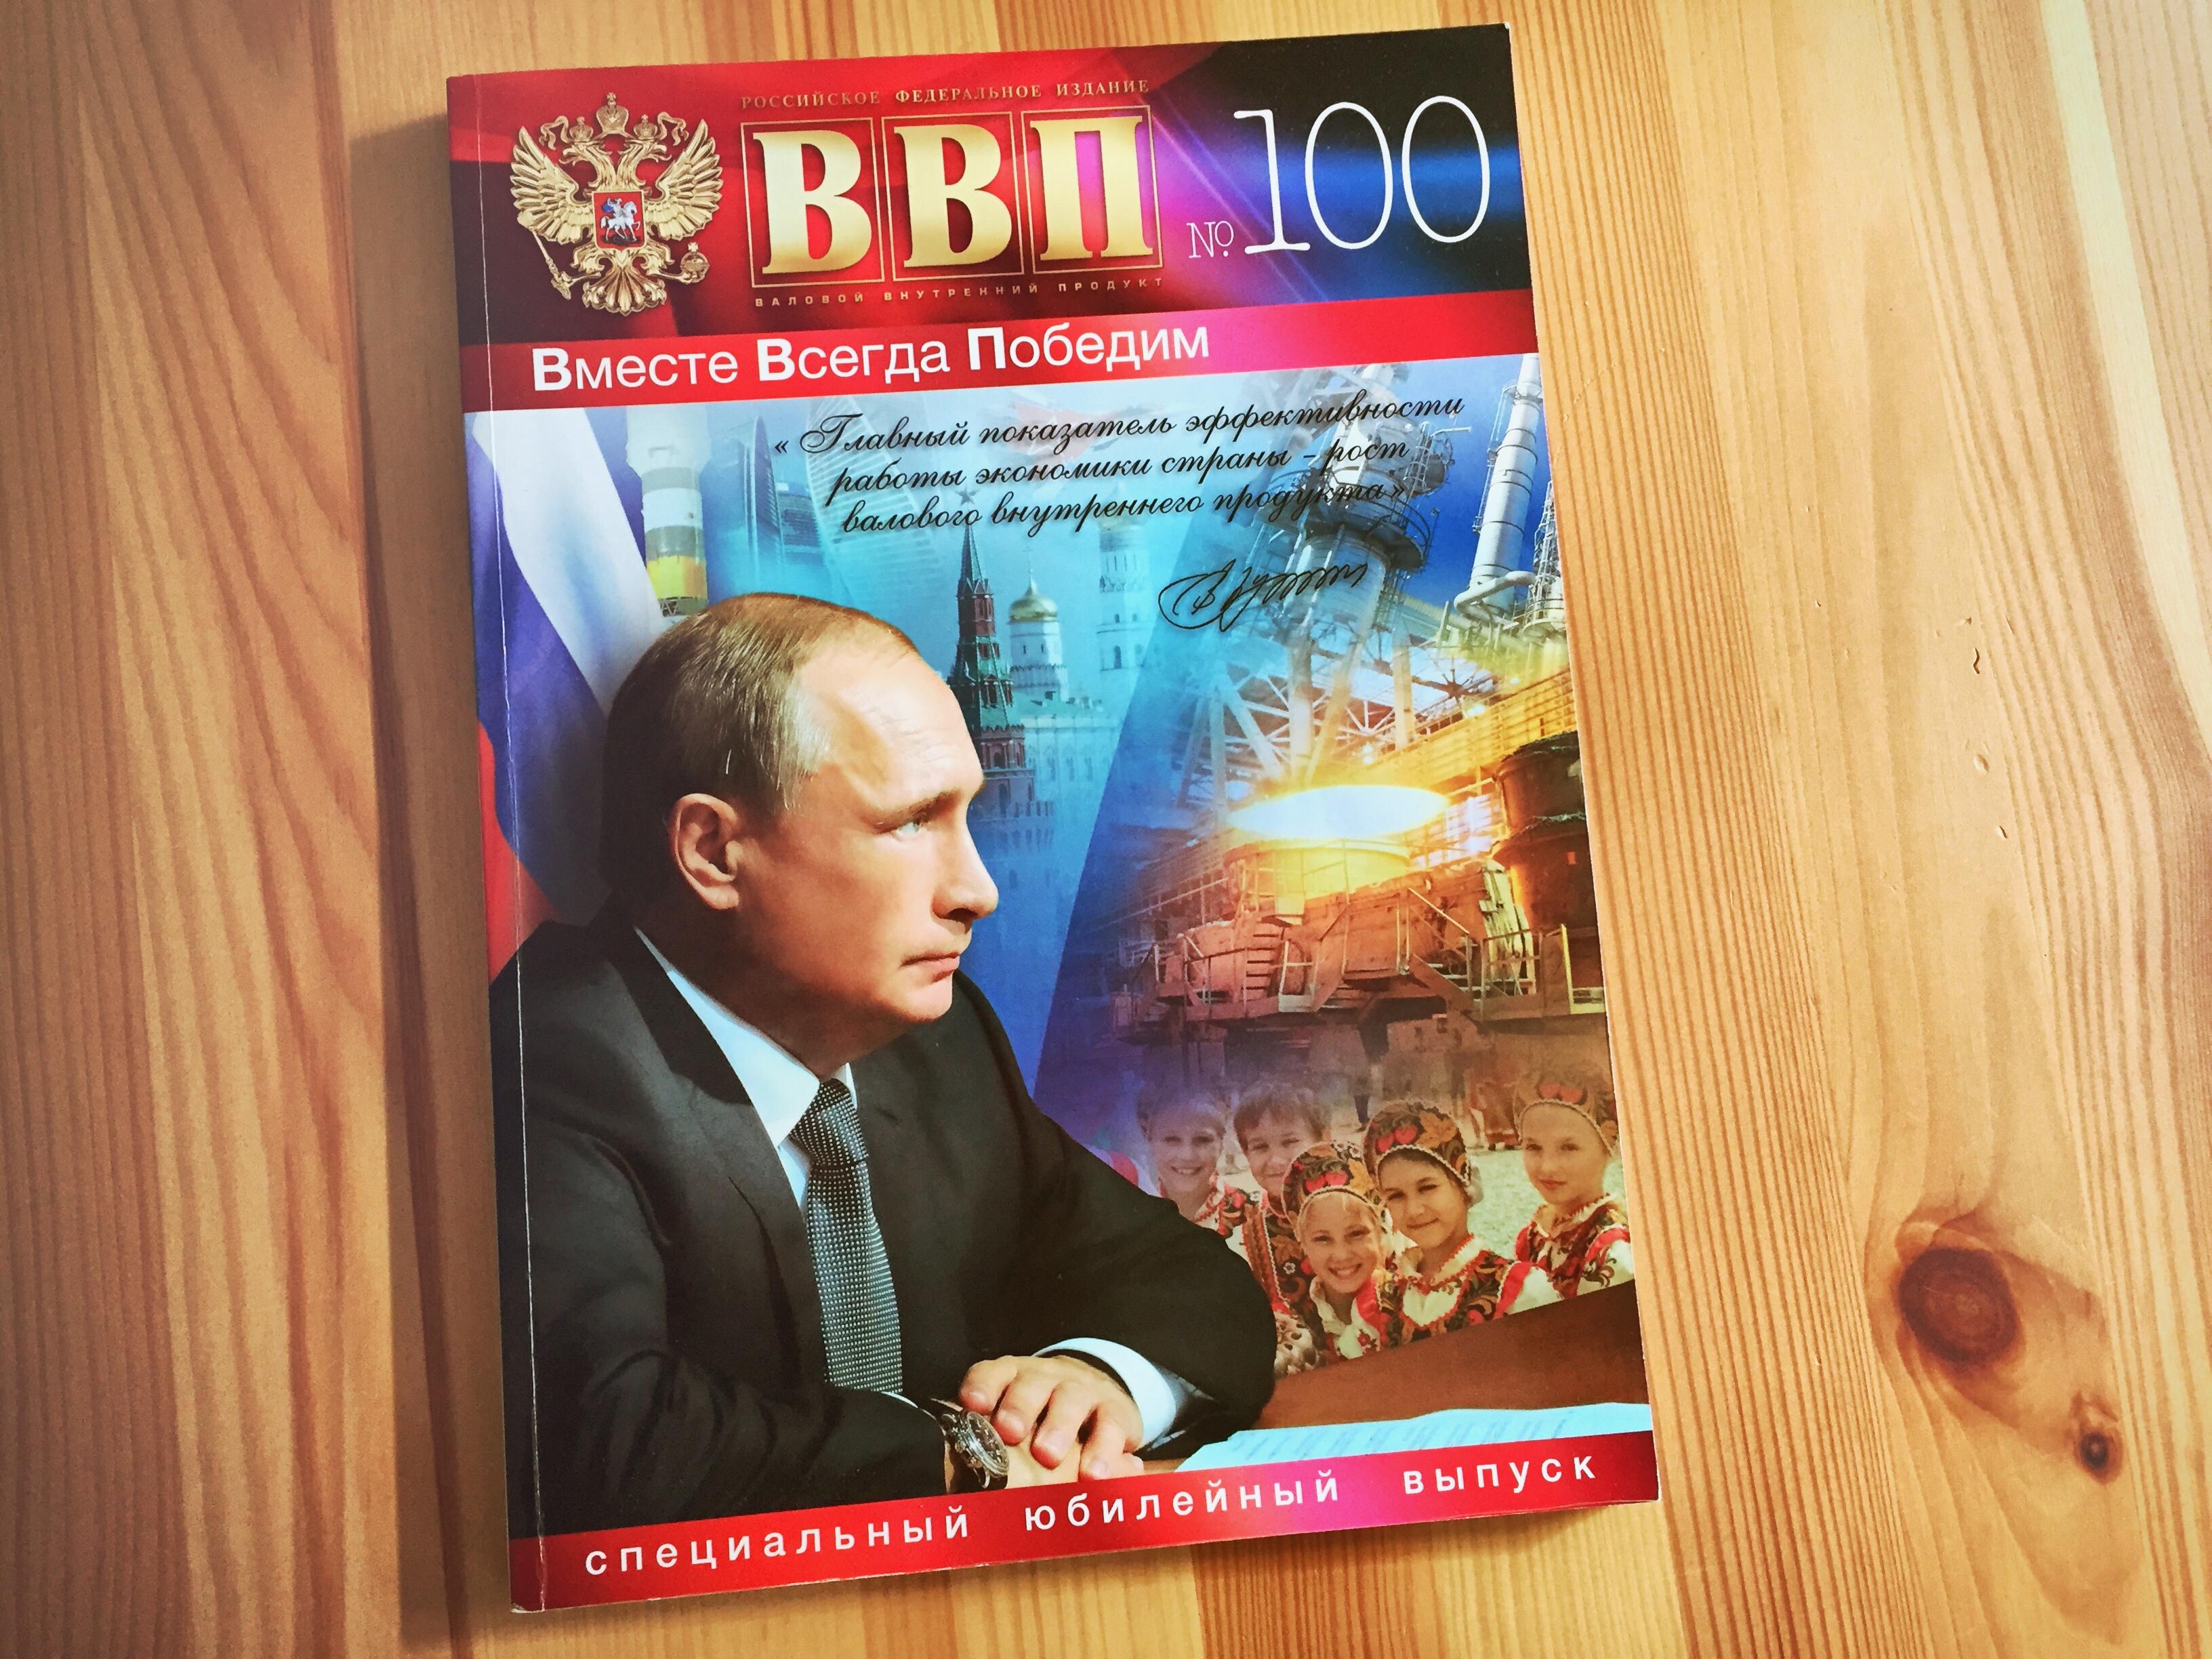 kscheib Putin der Woche WWP 100